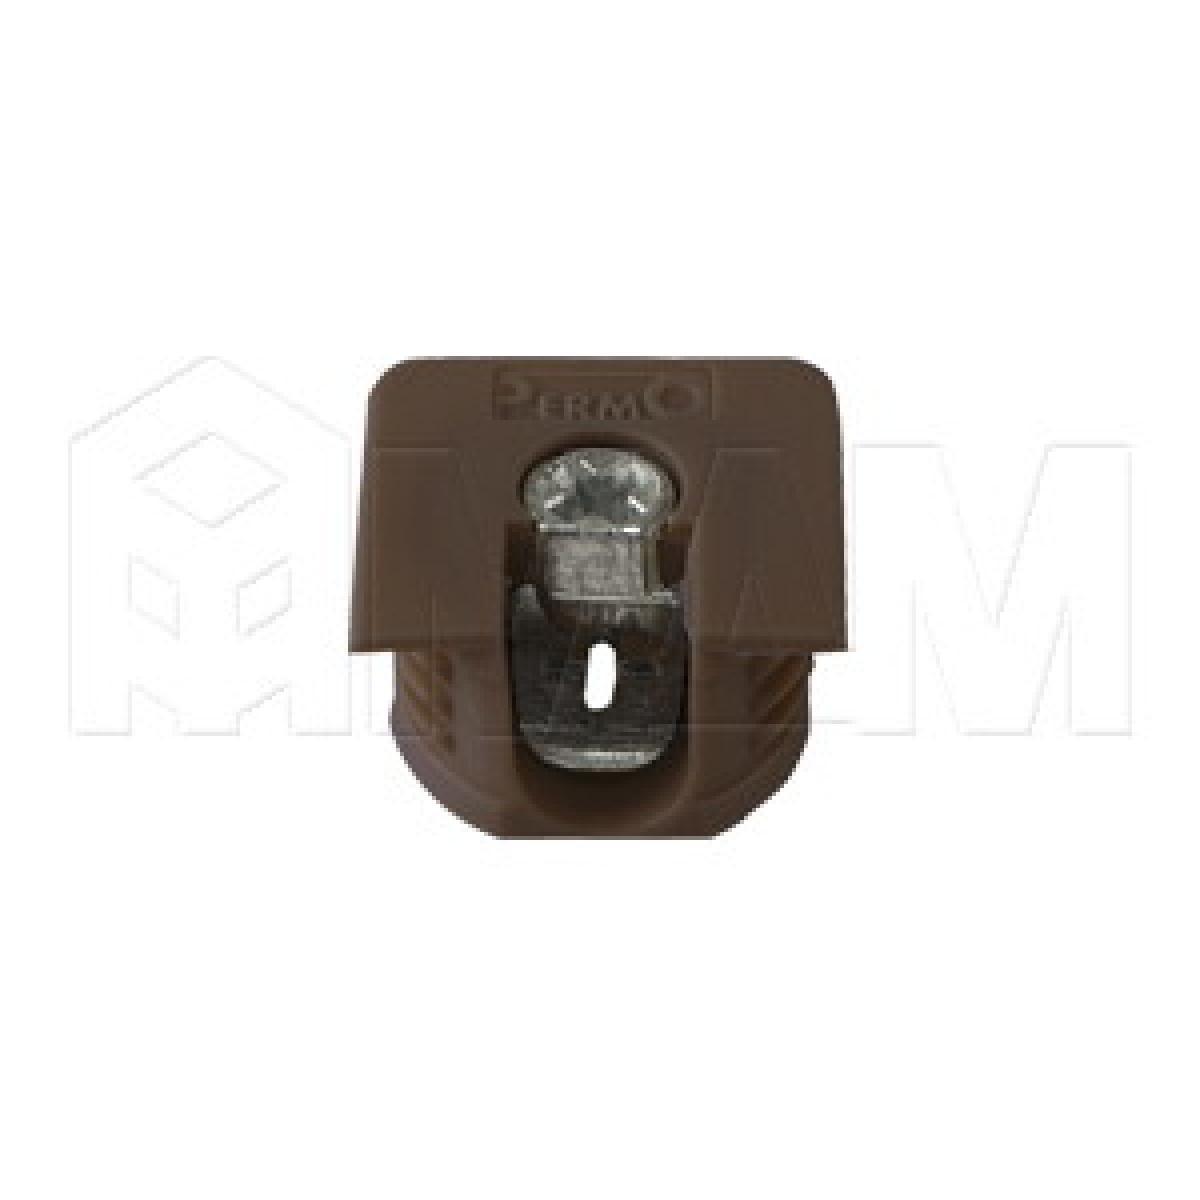 Эксцентрик усиленный в квадратном пластиковом корпусе 16 мм, коричневый